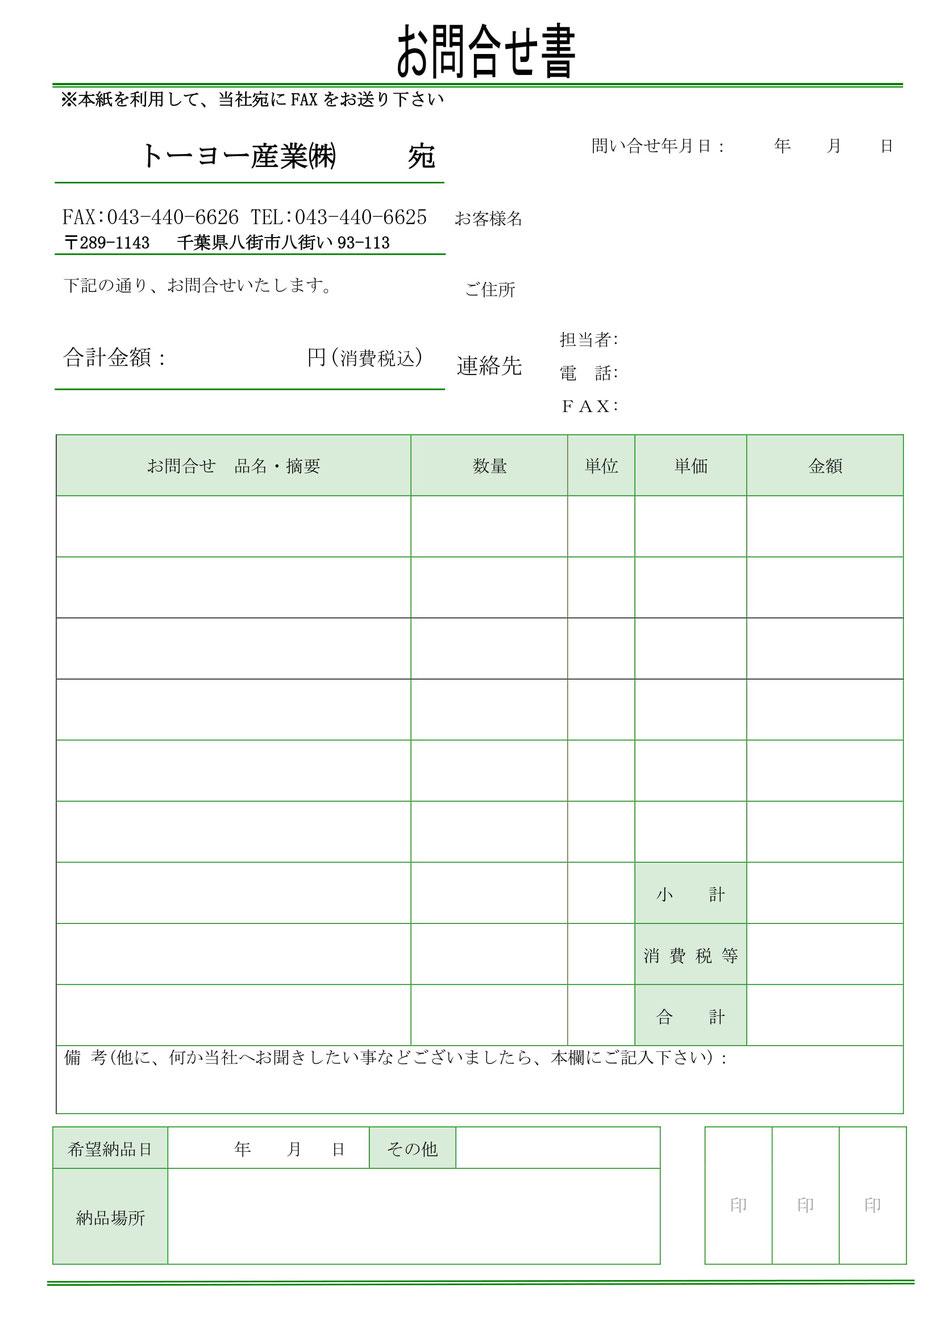 当社へ、ホームページ掲載されている商品や、暗渠についての質問などを記入してFAXする書式です。